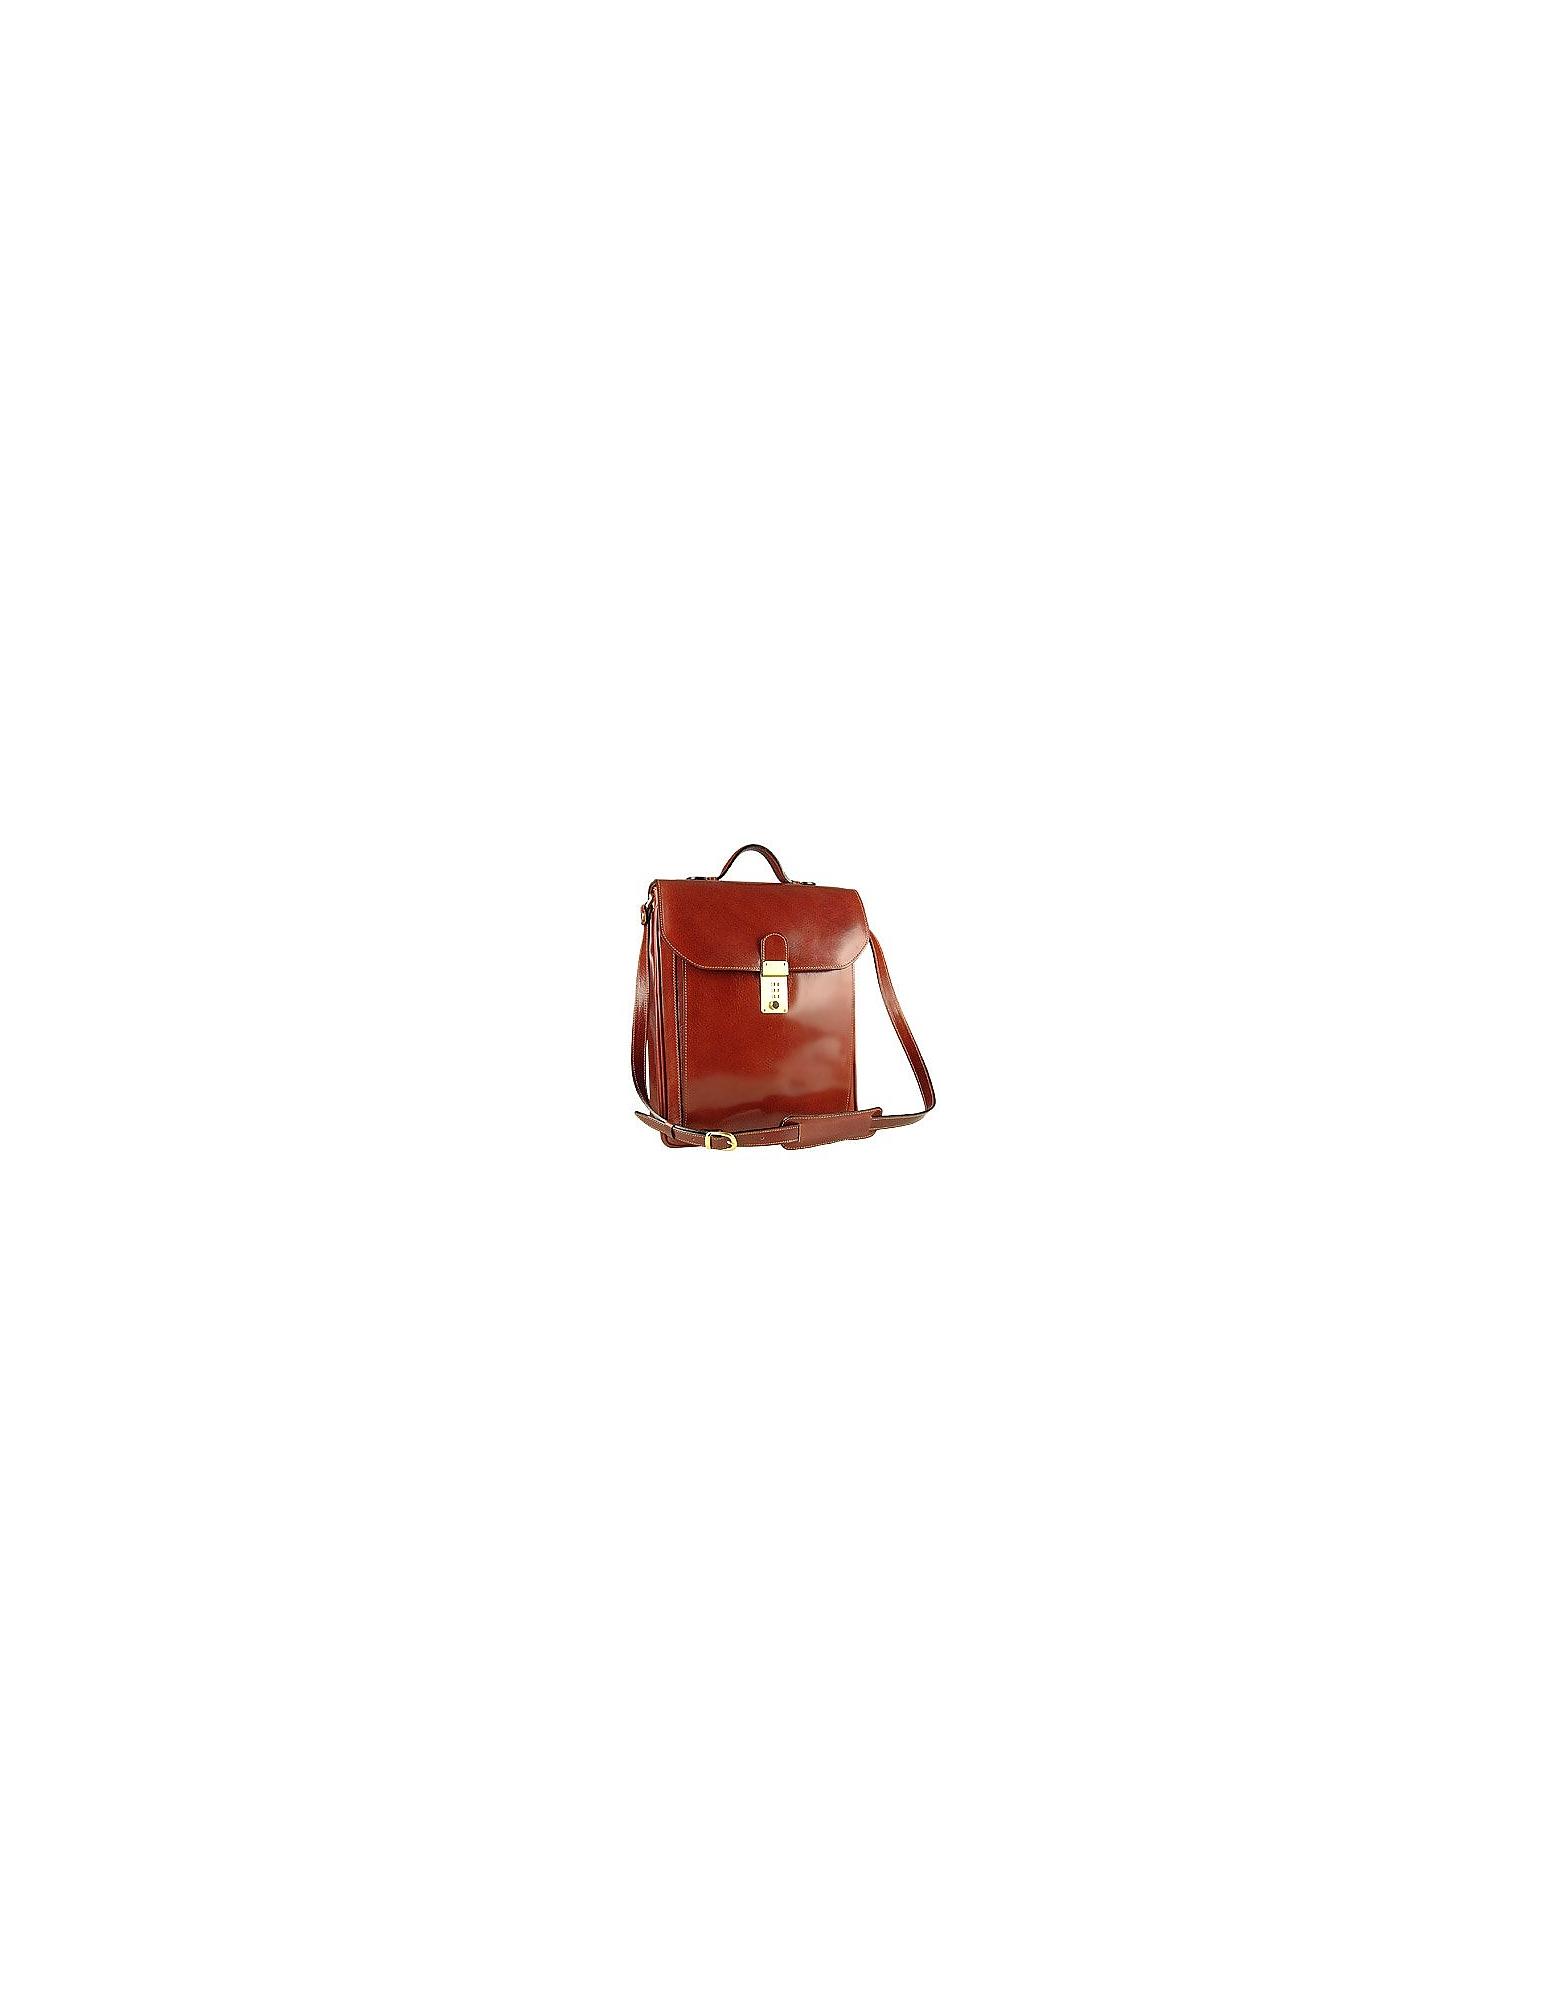 L.A.P.A. Briefcases, Cognac Leather Vertical Briefcase